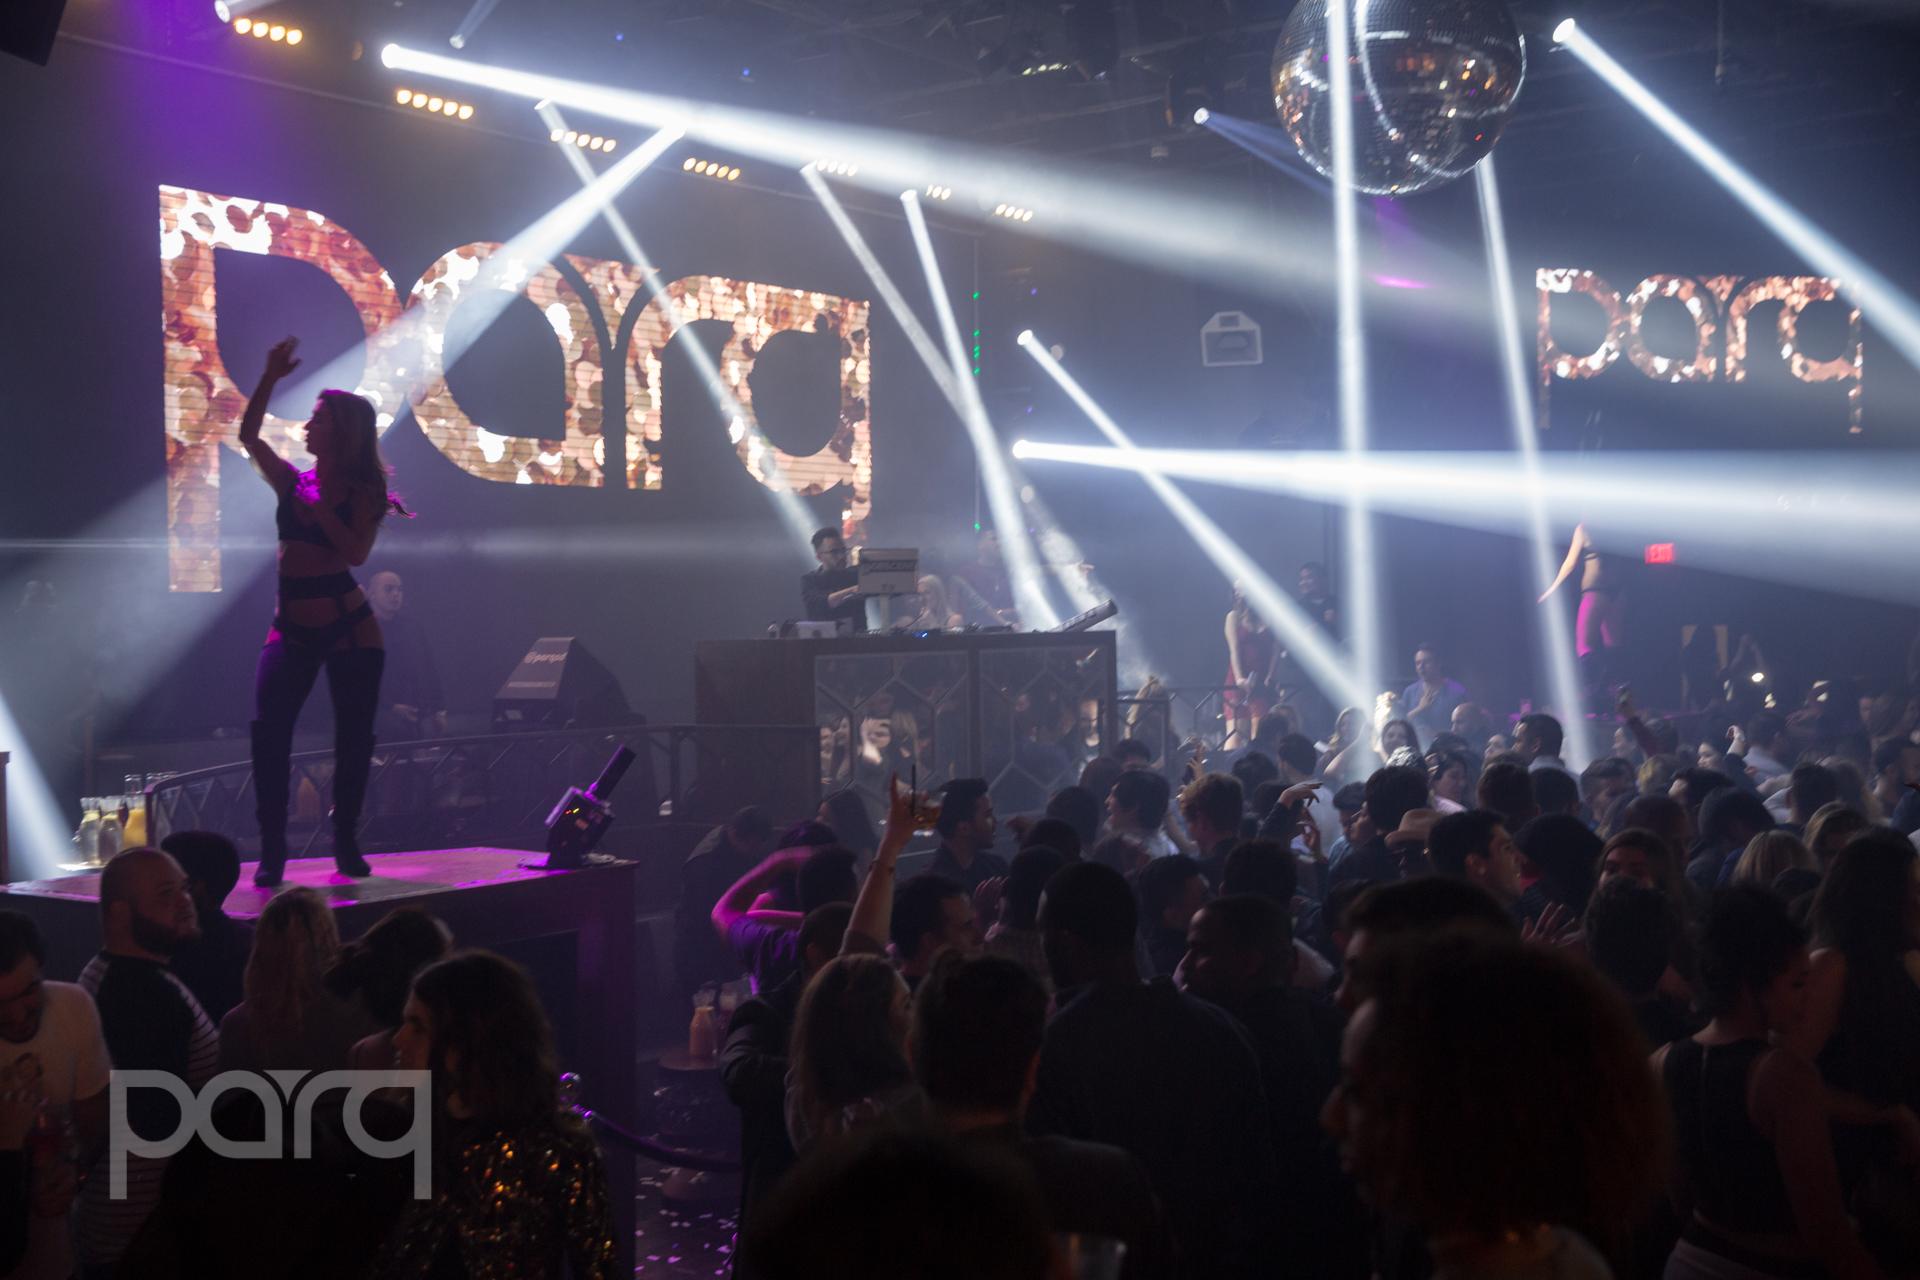 San-Diego-Nightclub-DJ Obscene-32.jpg